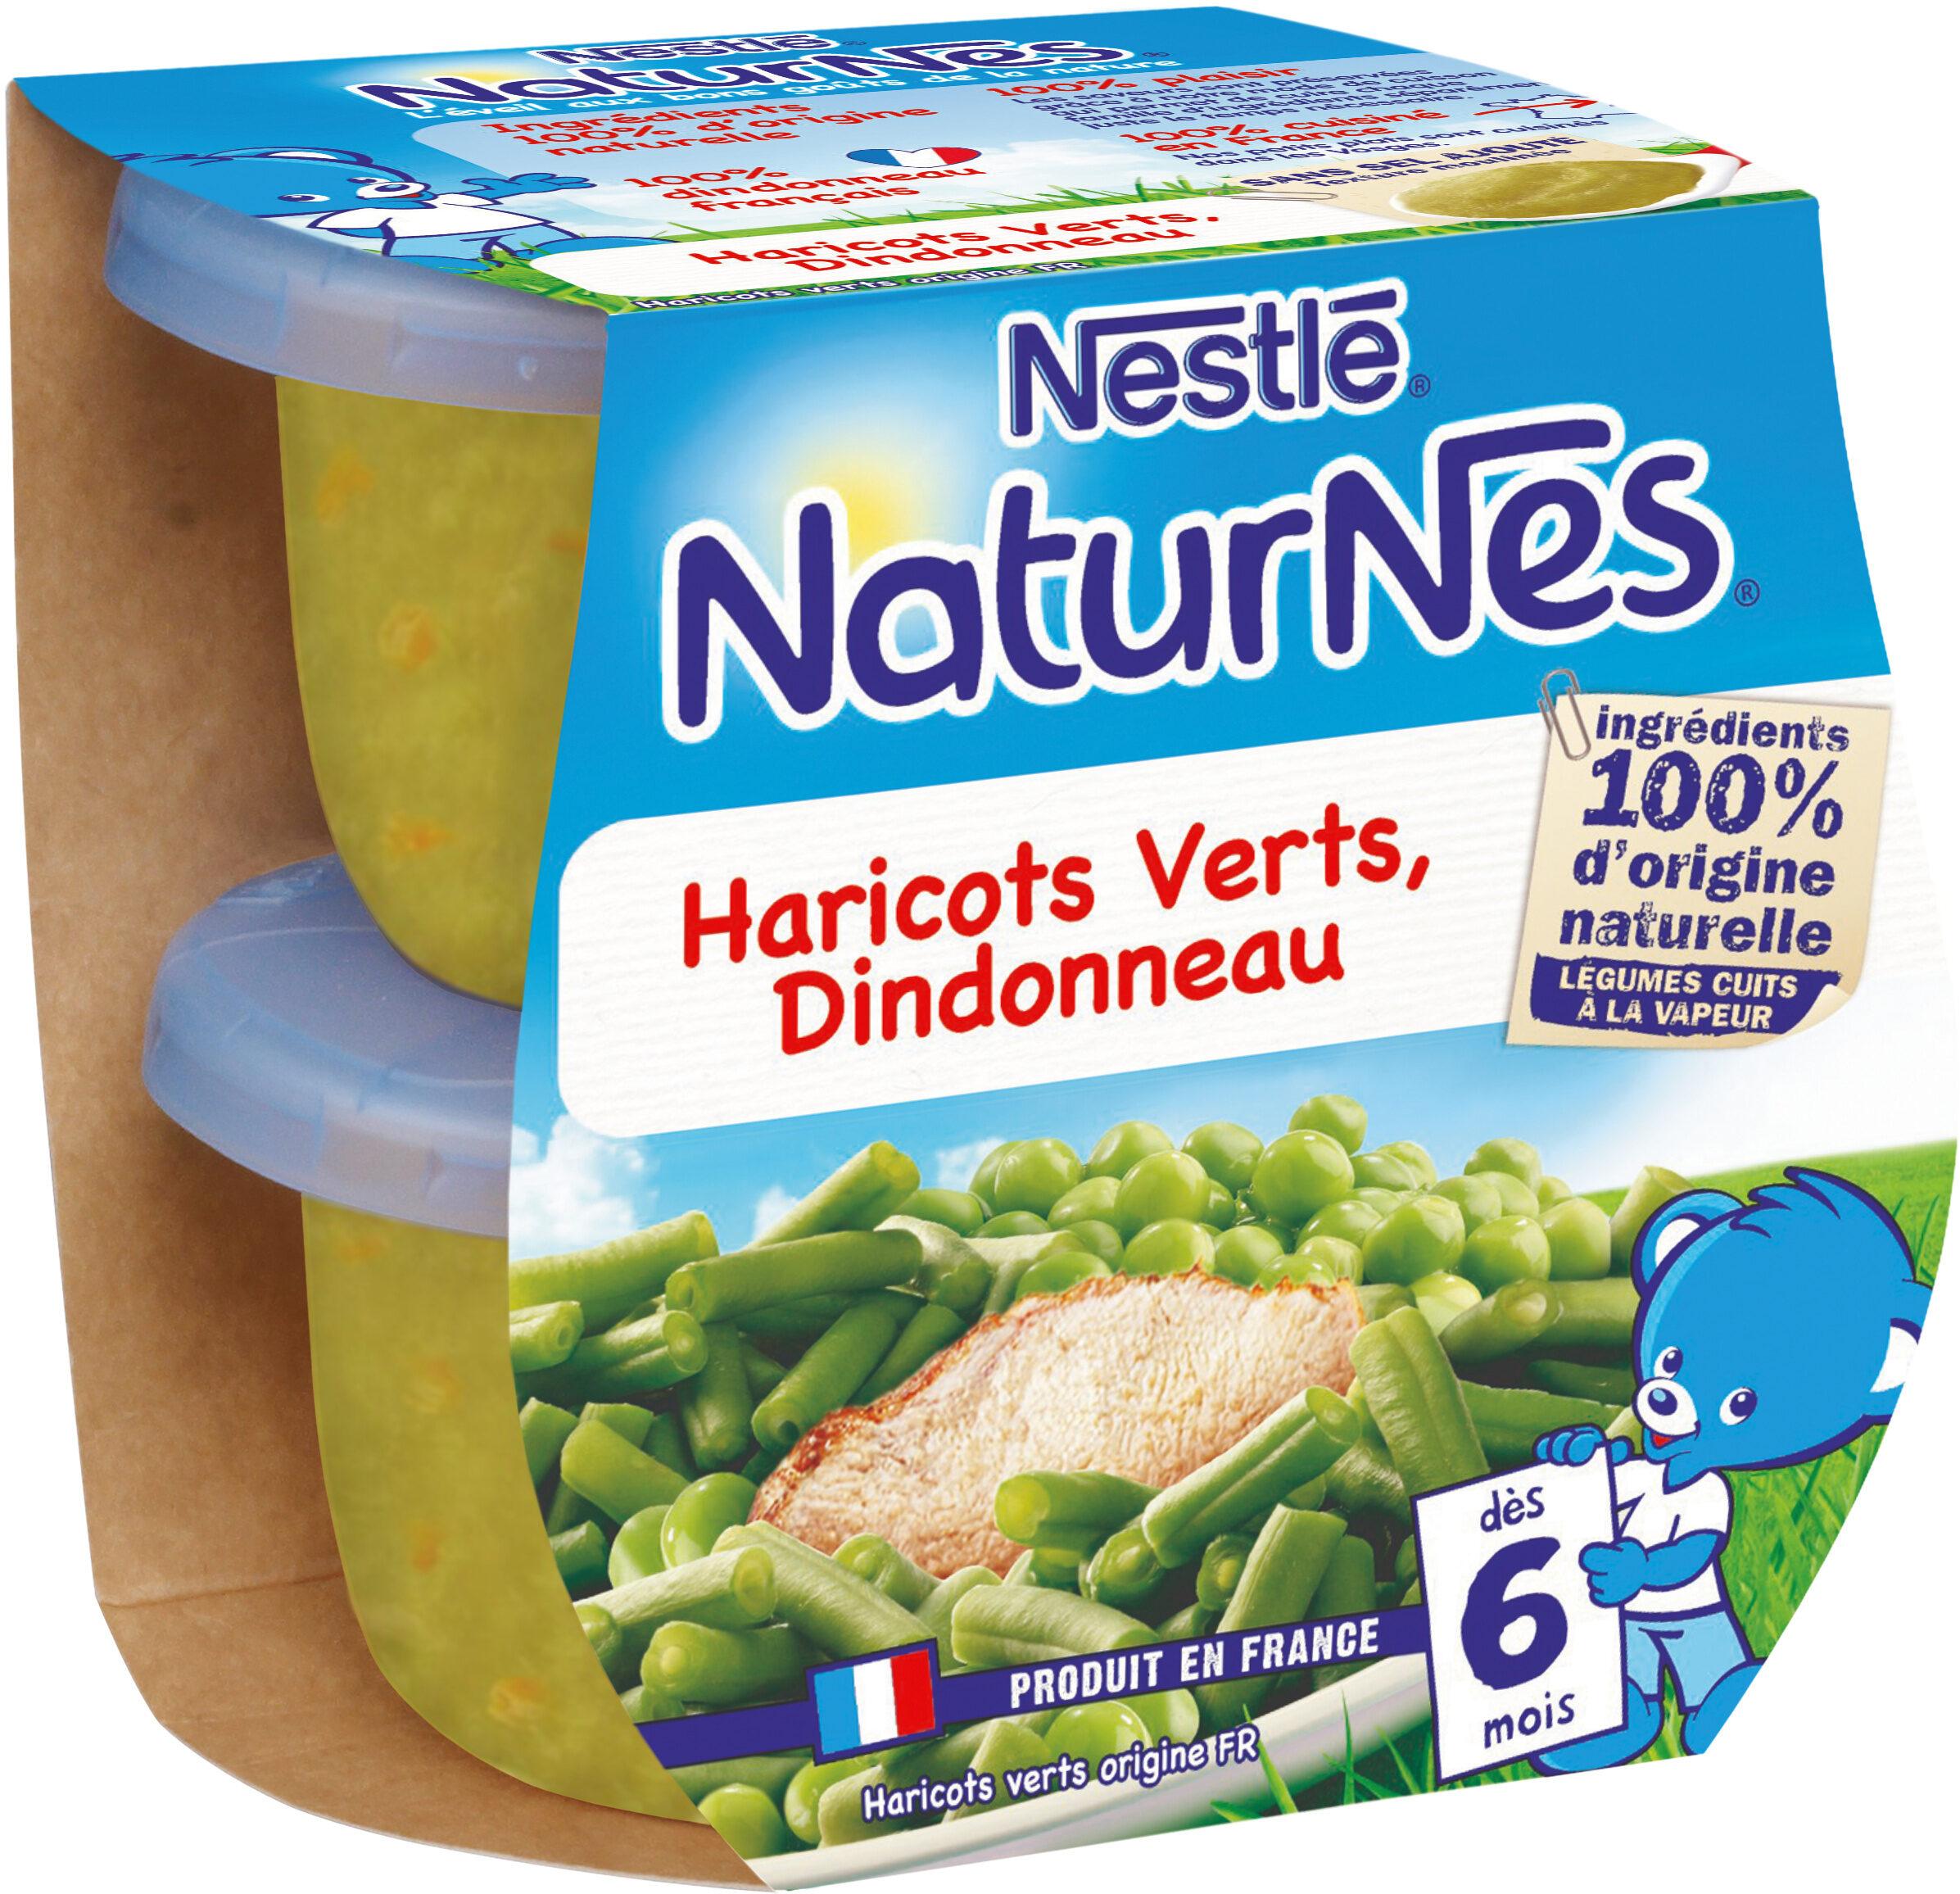 NESTLE NATURNES Petits Pots Bébé Haricots Verts Dindonneau -2x200g -Dès 6 mois - Prodotto - fr